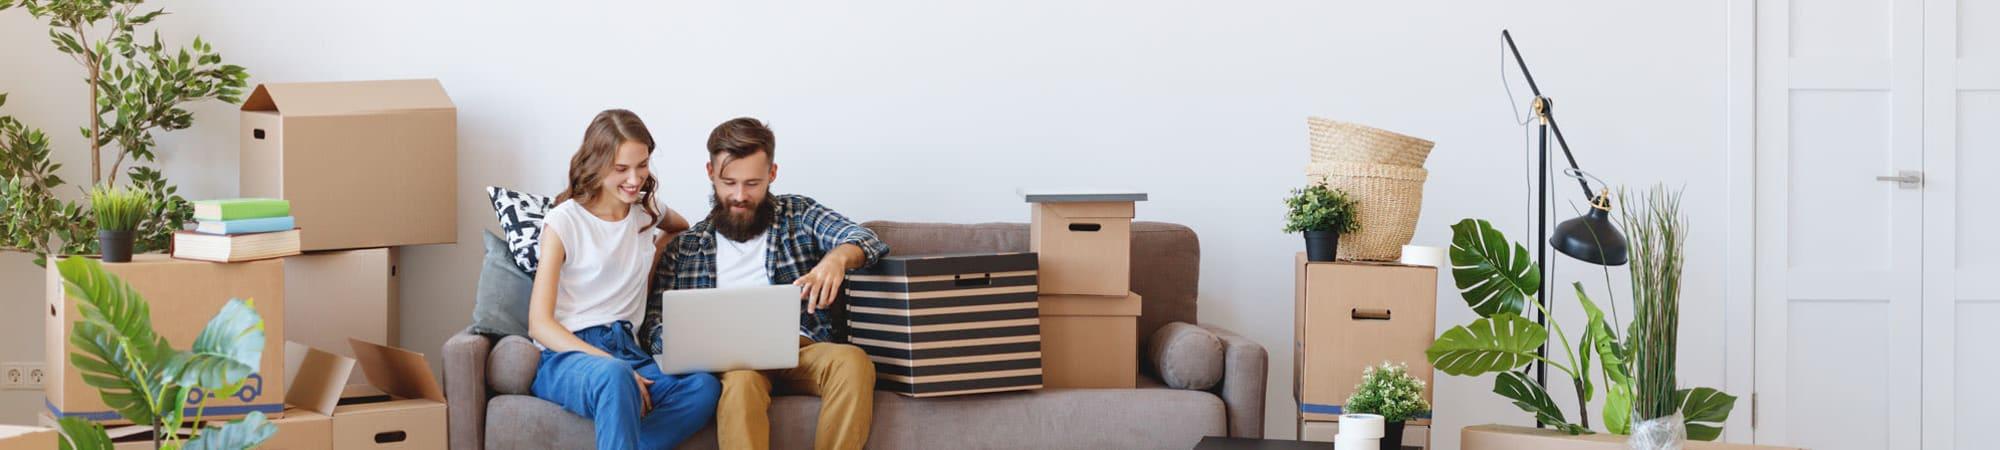 Reviews for Cubes Self Storage in Millcreek, Utah